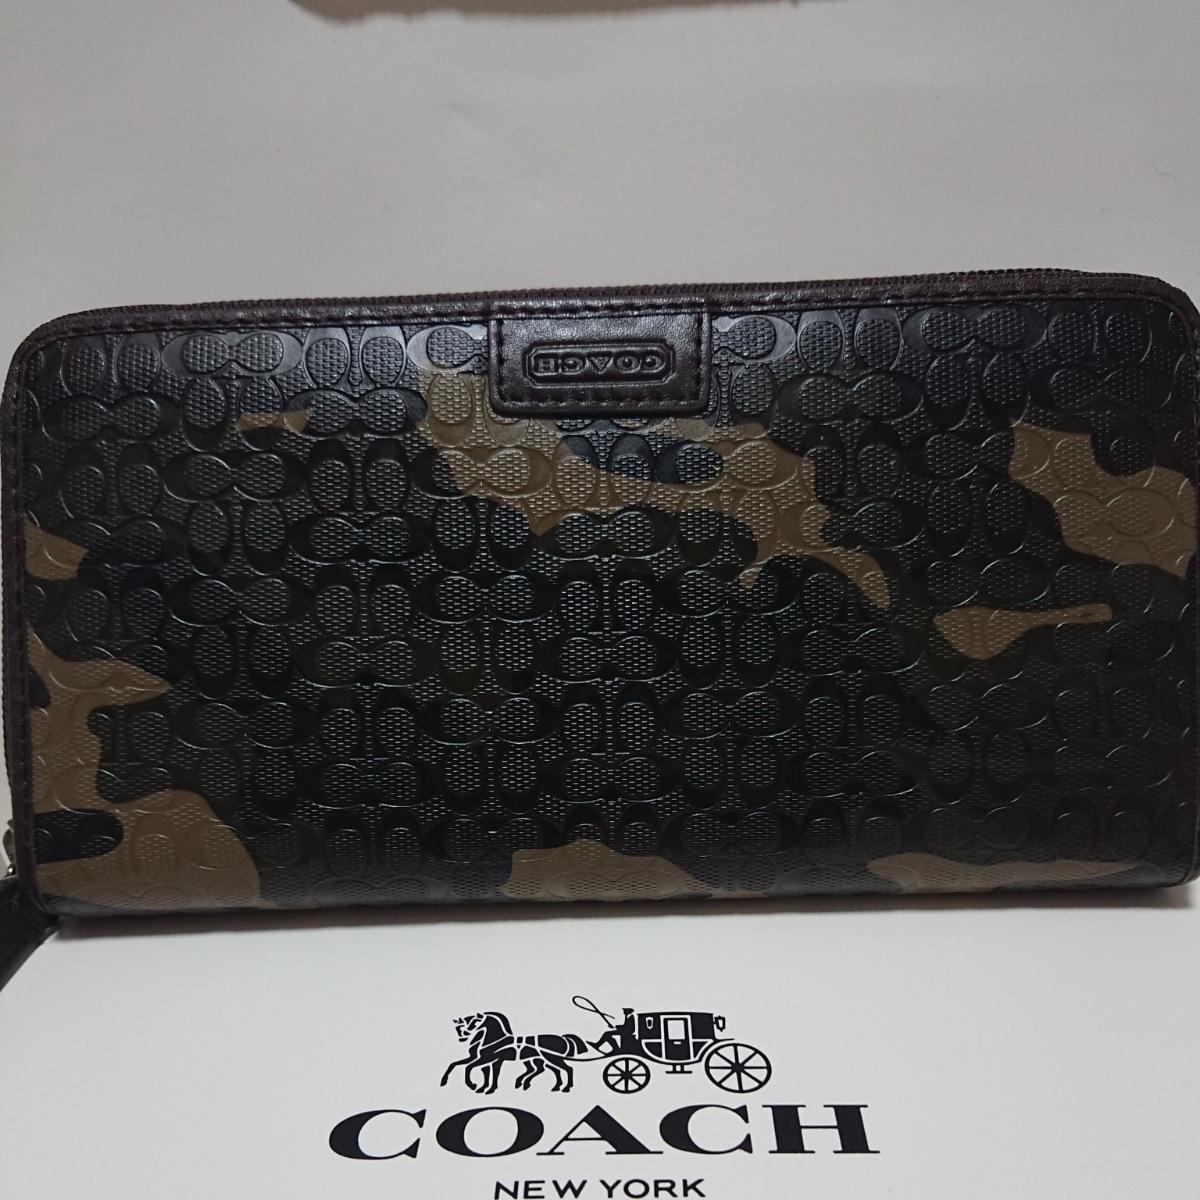 sports shoes cca33 b7c2a 代購代標第一品牌- 樂淘letao - COACH 迷彩柄カモフラージュ長 ...